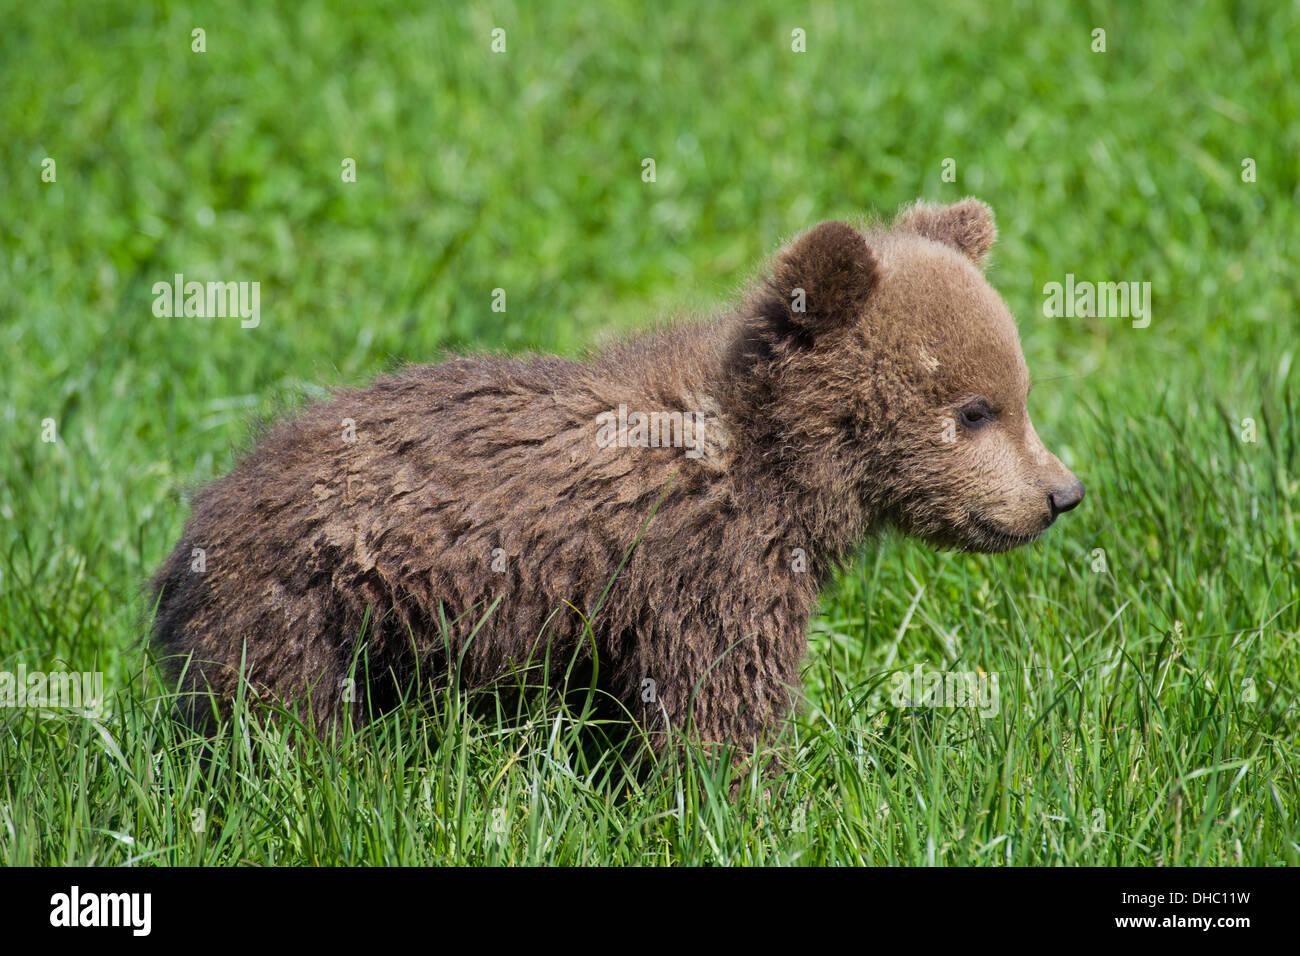 Eurasian brown bear (Ursus arctos arctos) cub in grassland - Stock Image